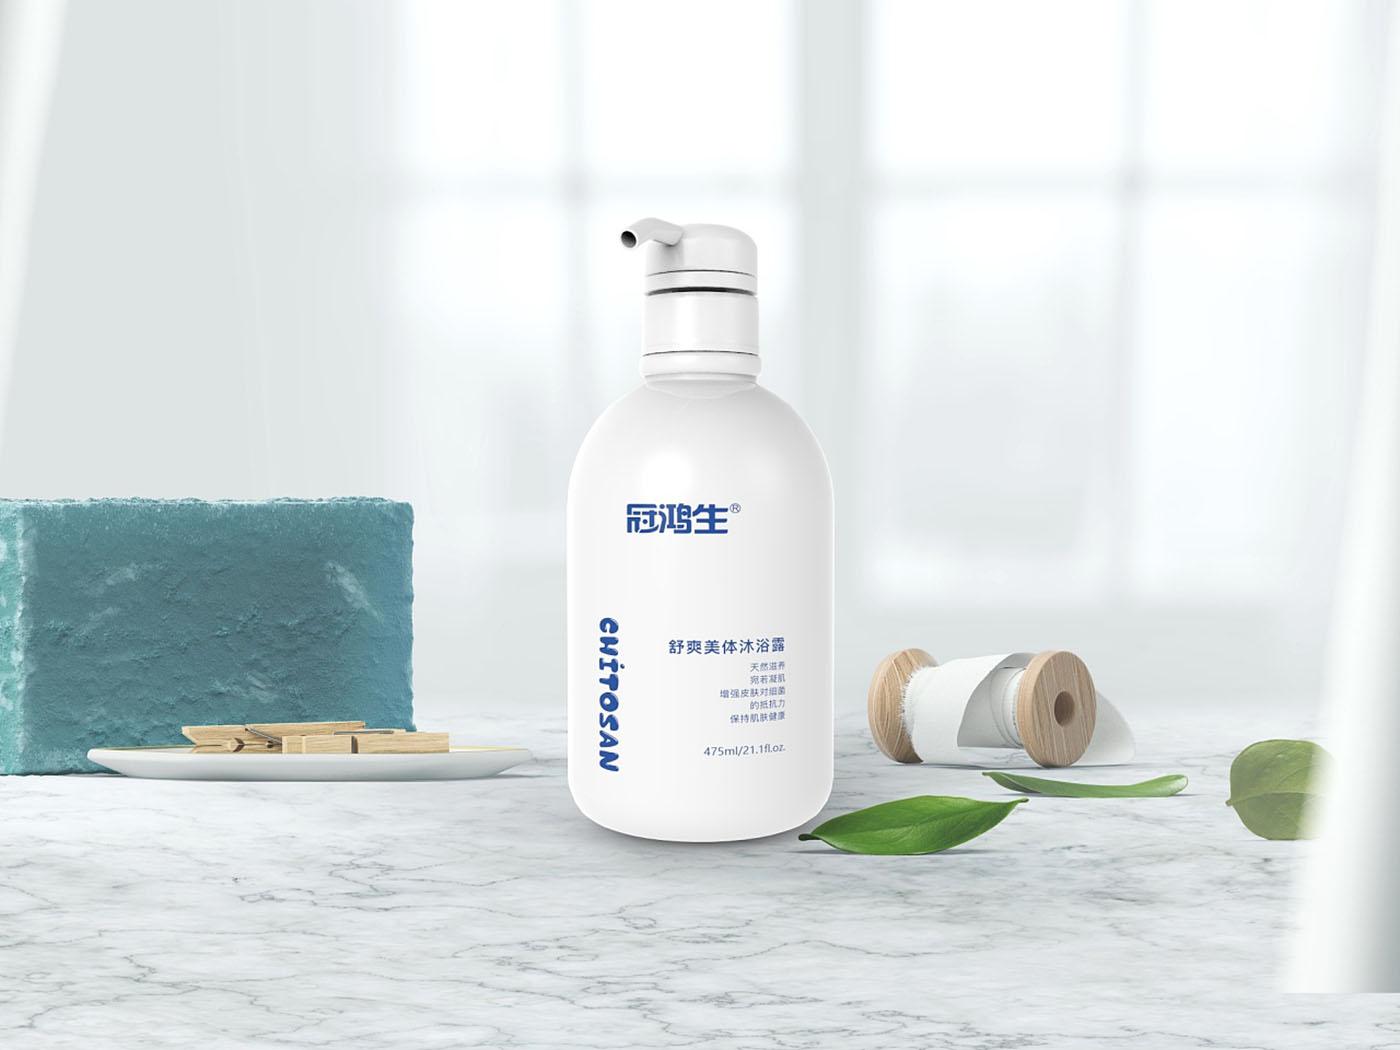 沐浴露包装设计-沐浴露包装设计公司